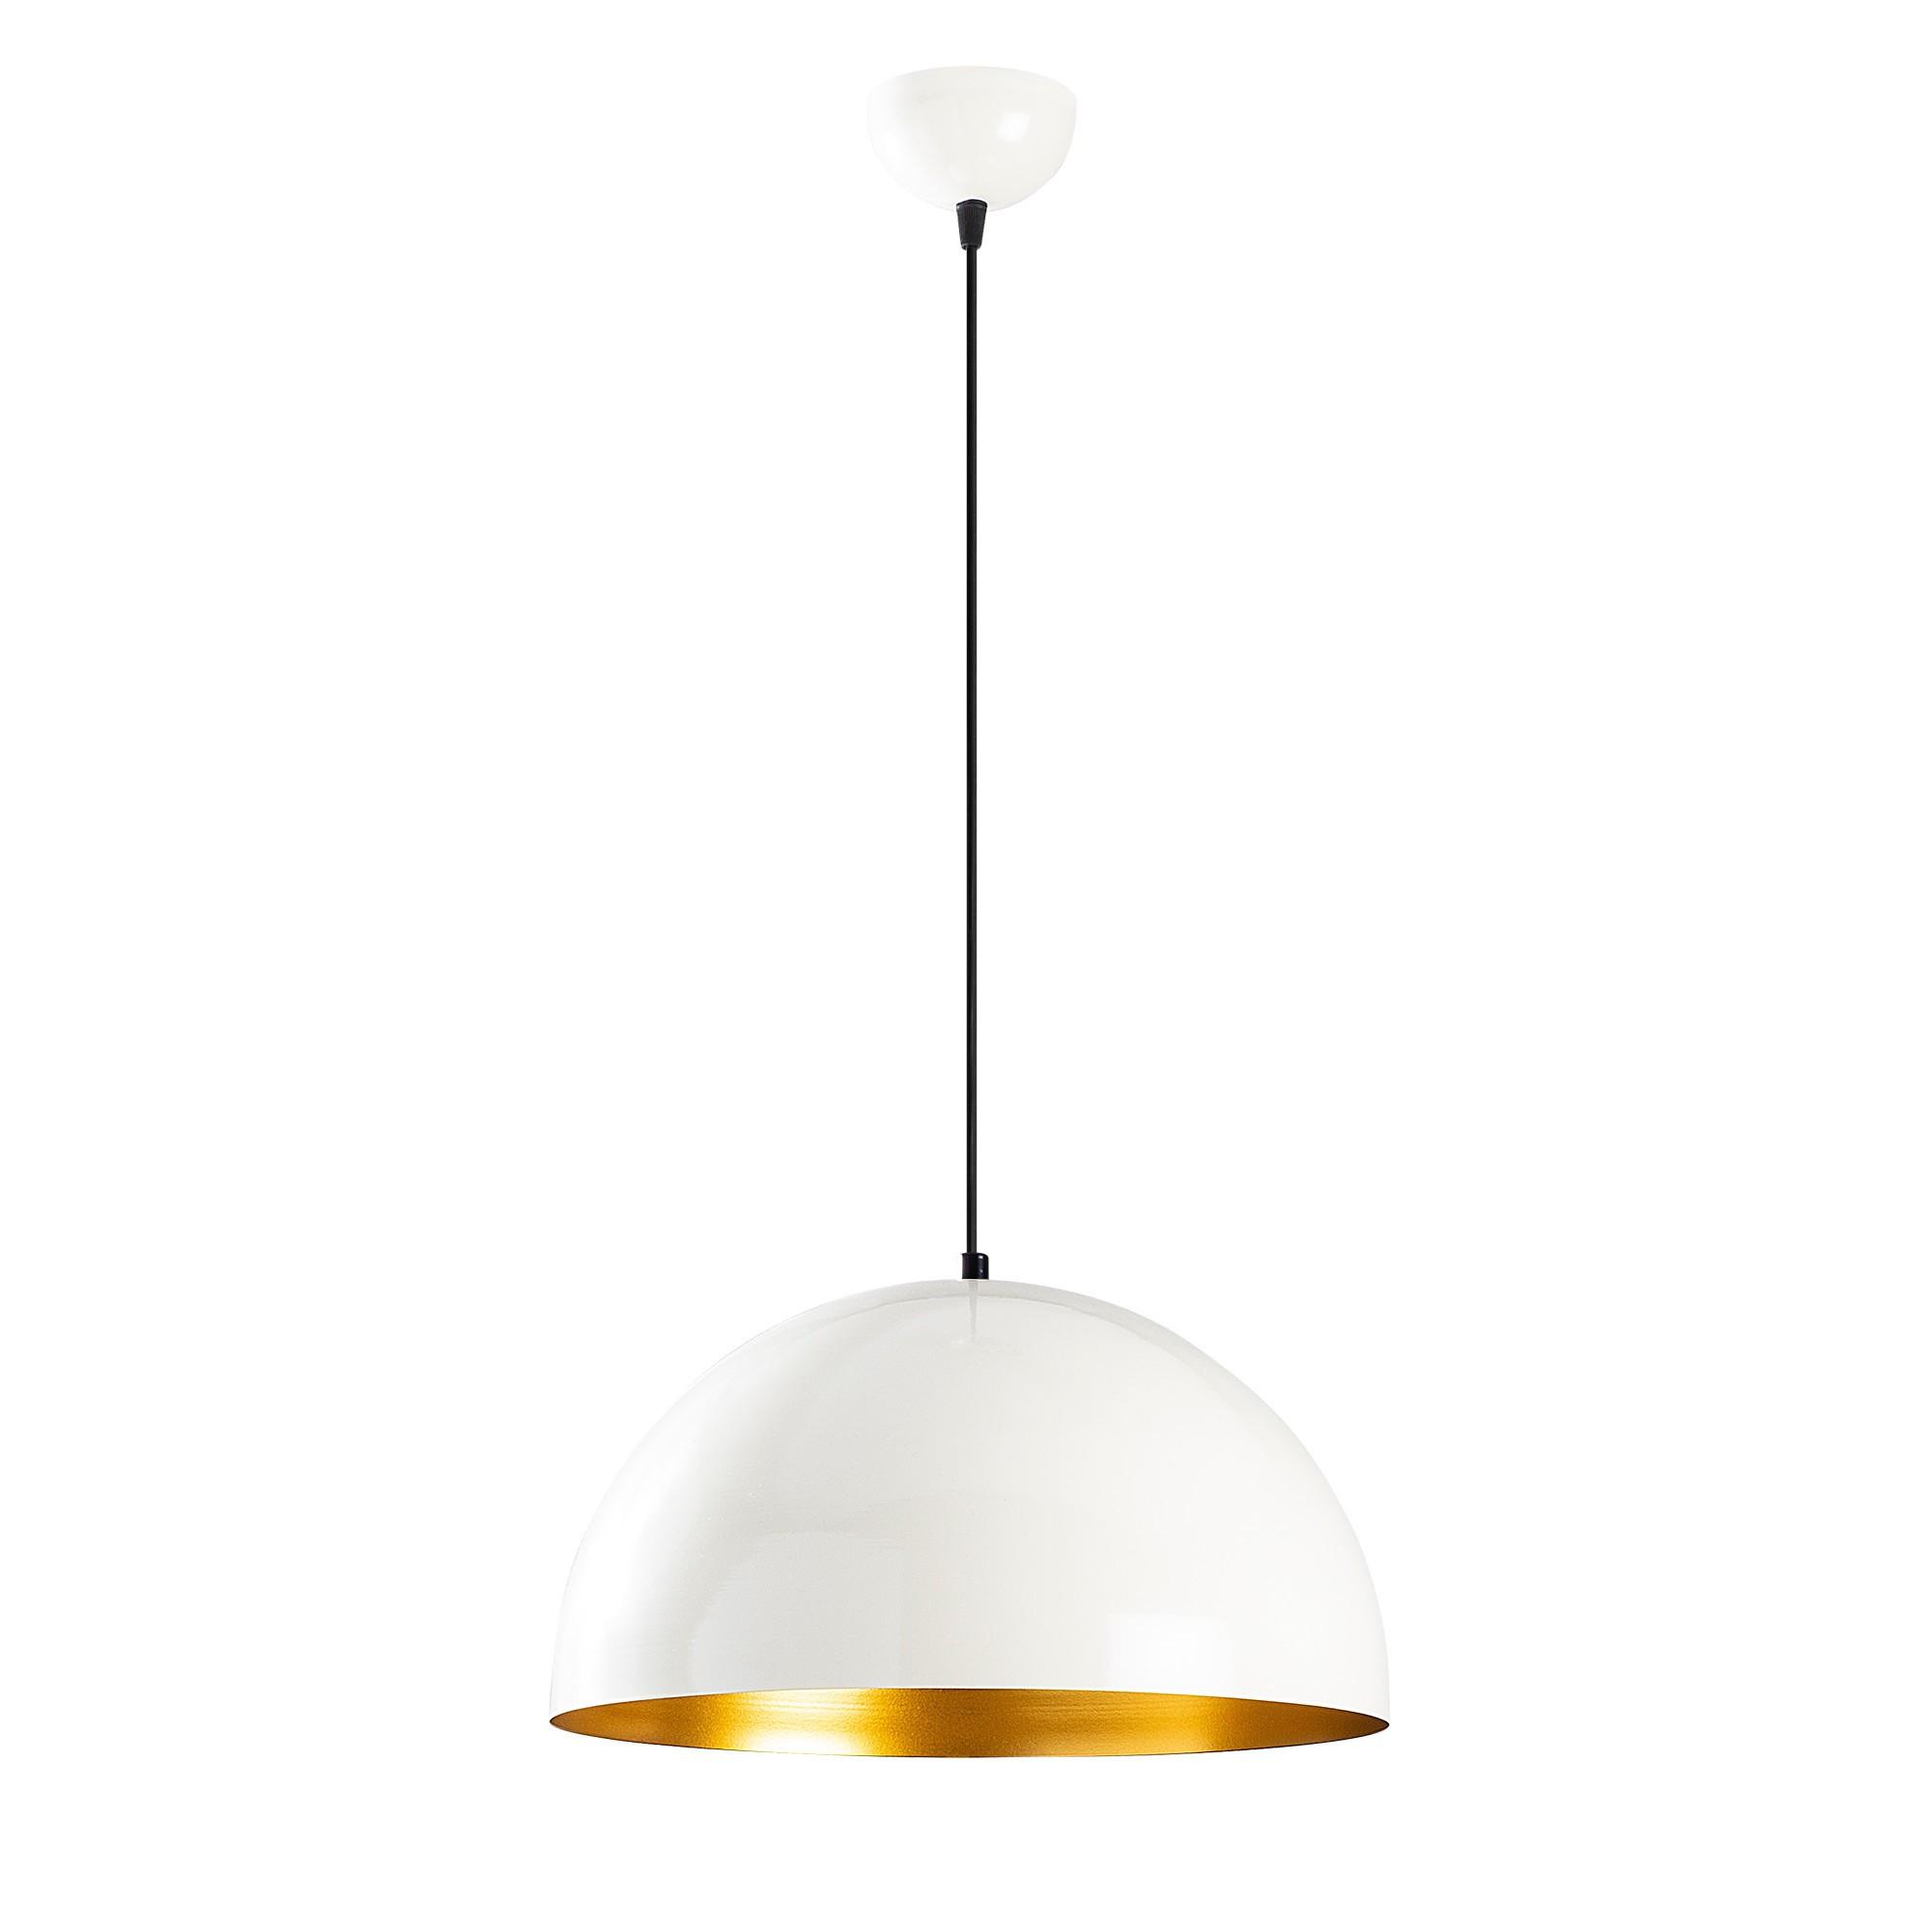 Pendant Lamp Berceste 232-S   White